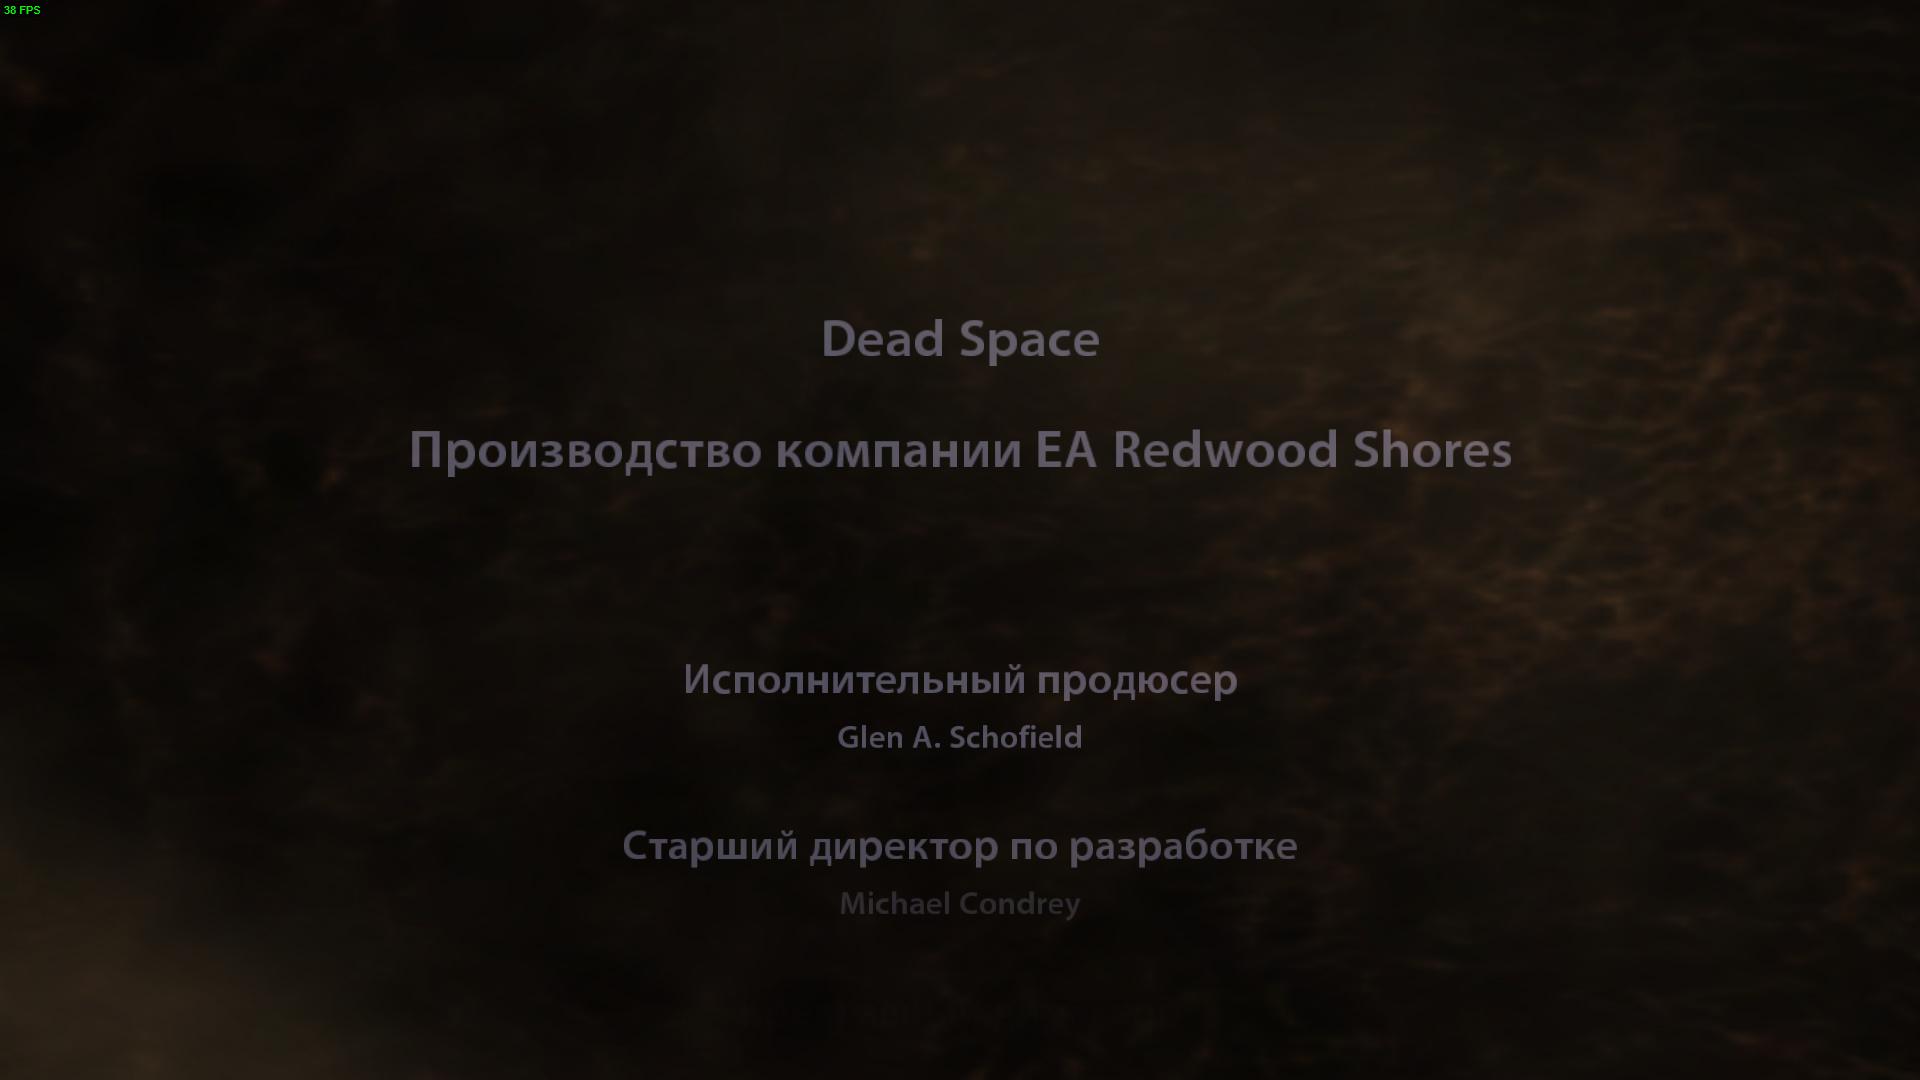 Dead Space 2017-09-13 23-14-00-133.jpg - Dead Space